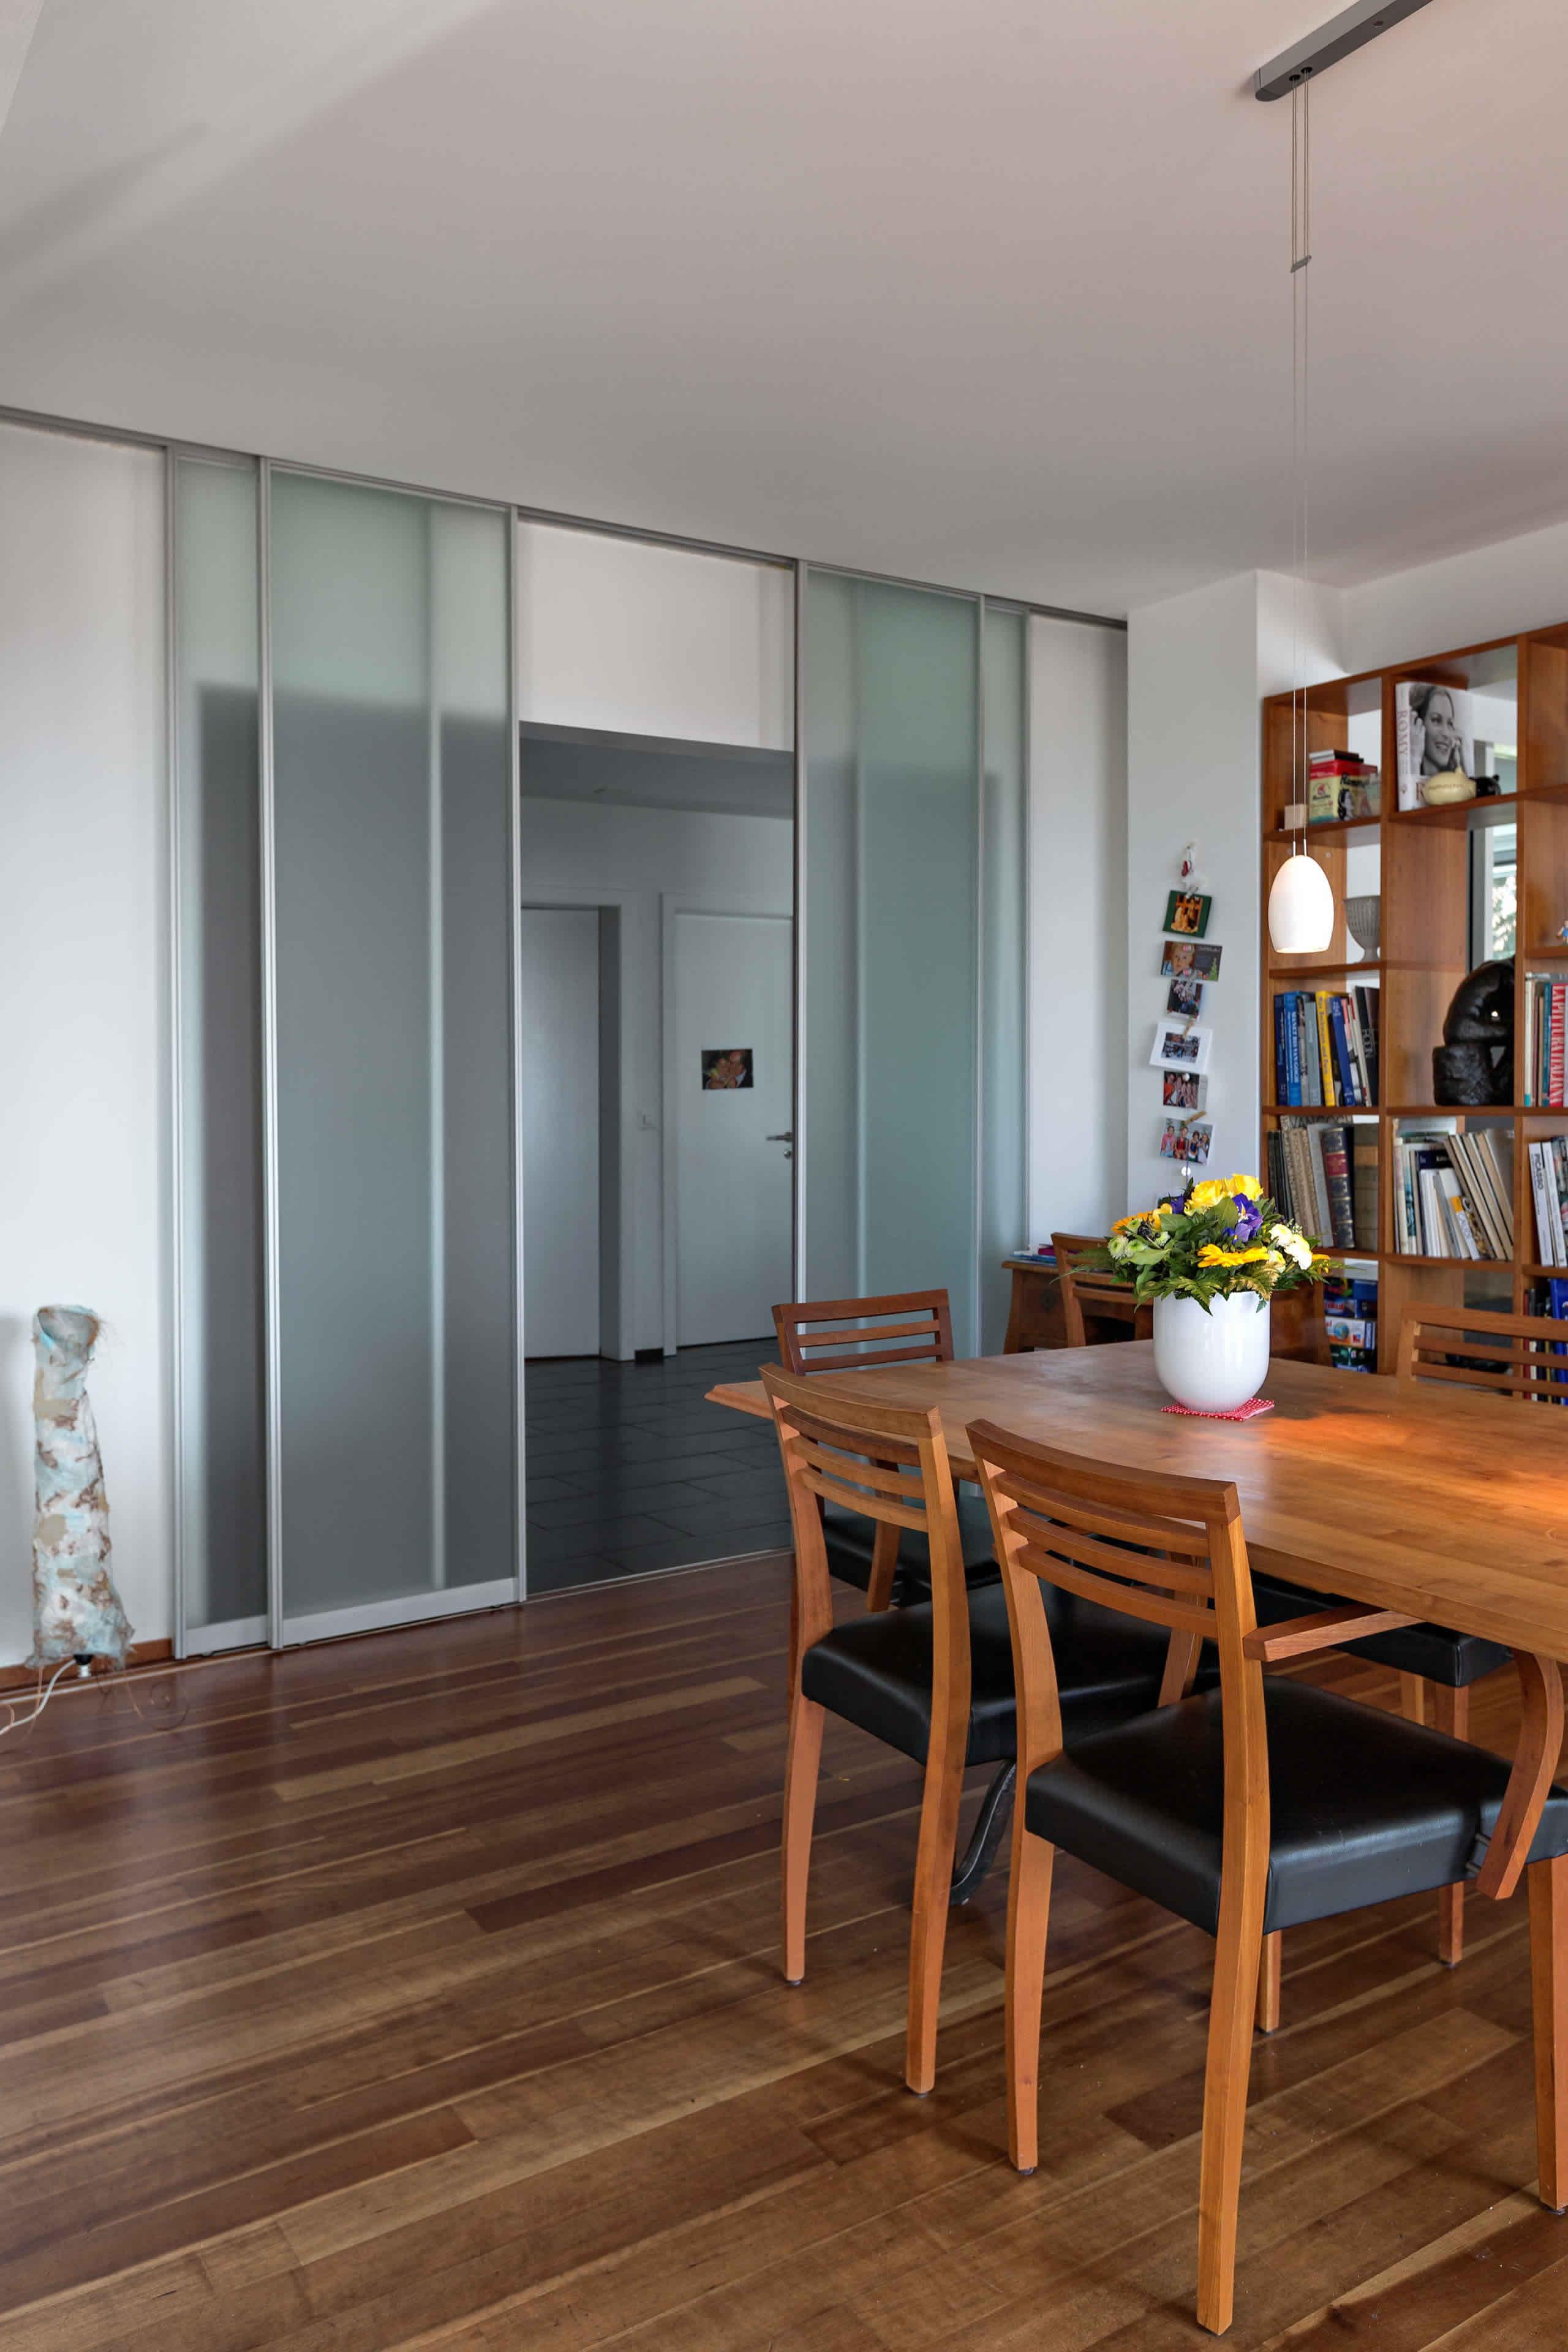 raumteiler aus vier schiebet ren in glas zwischen flur und wohnbereich auf zu. Black Bedroom Furniture Sets. Home Design Ideas